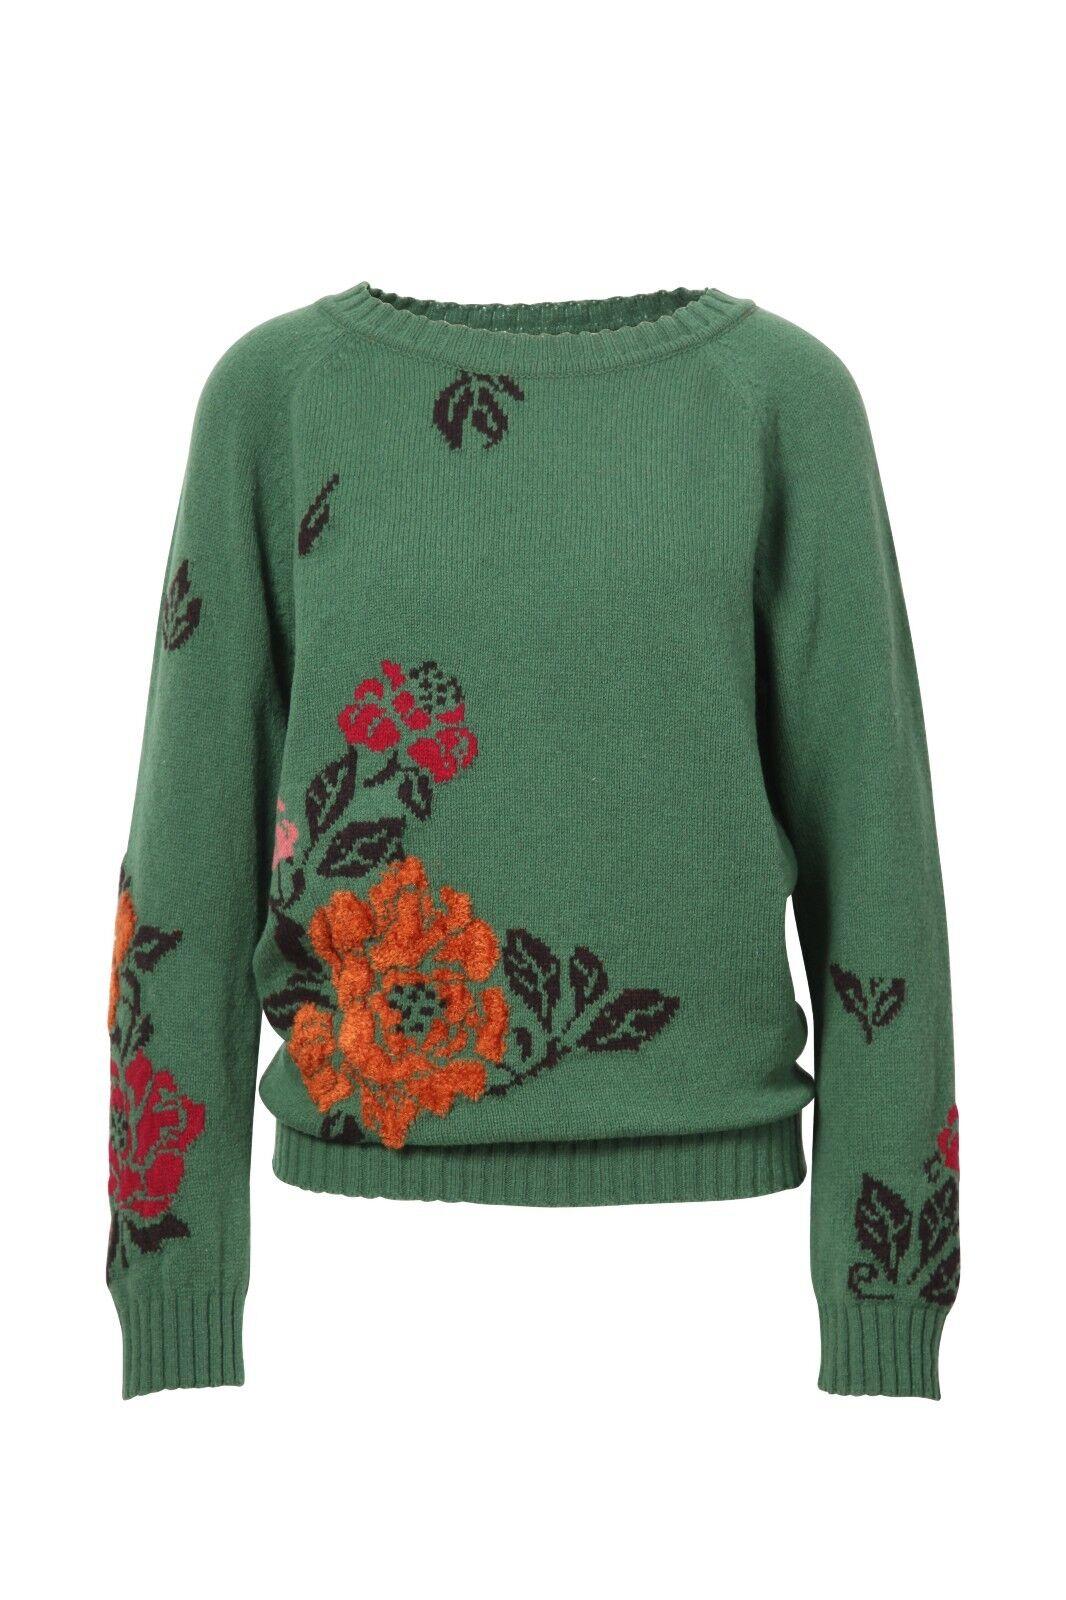 IVKO Knit Sweater Jumper Size 36 - 44 - 82534